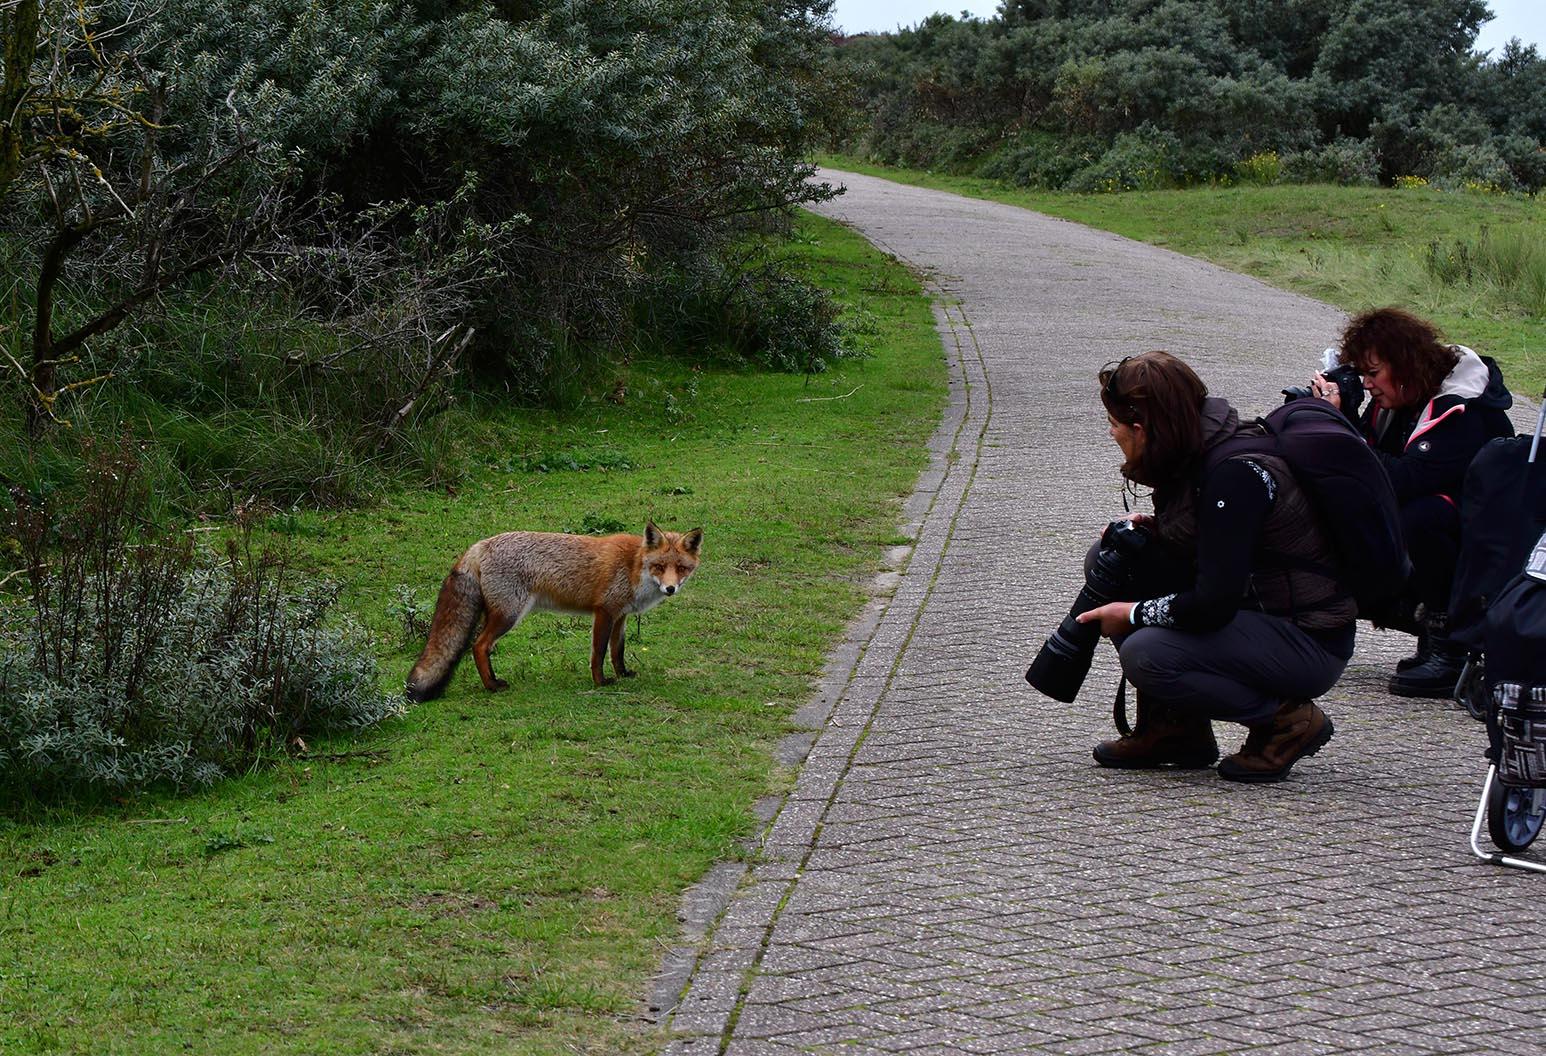 De vos trekt zich helemaal niets aan van de fotograferende dames - Foto: ©Louis Fraanje